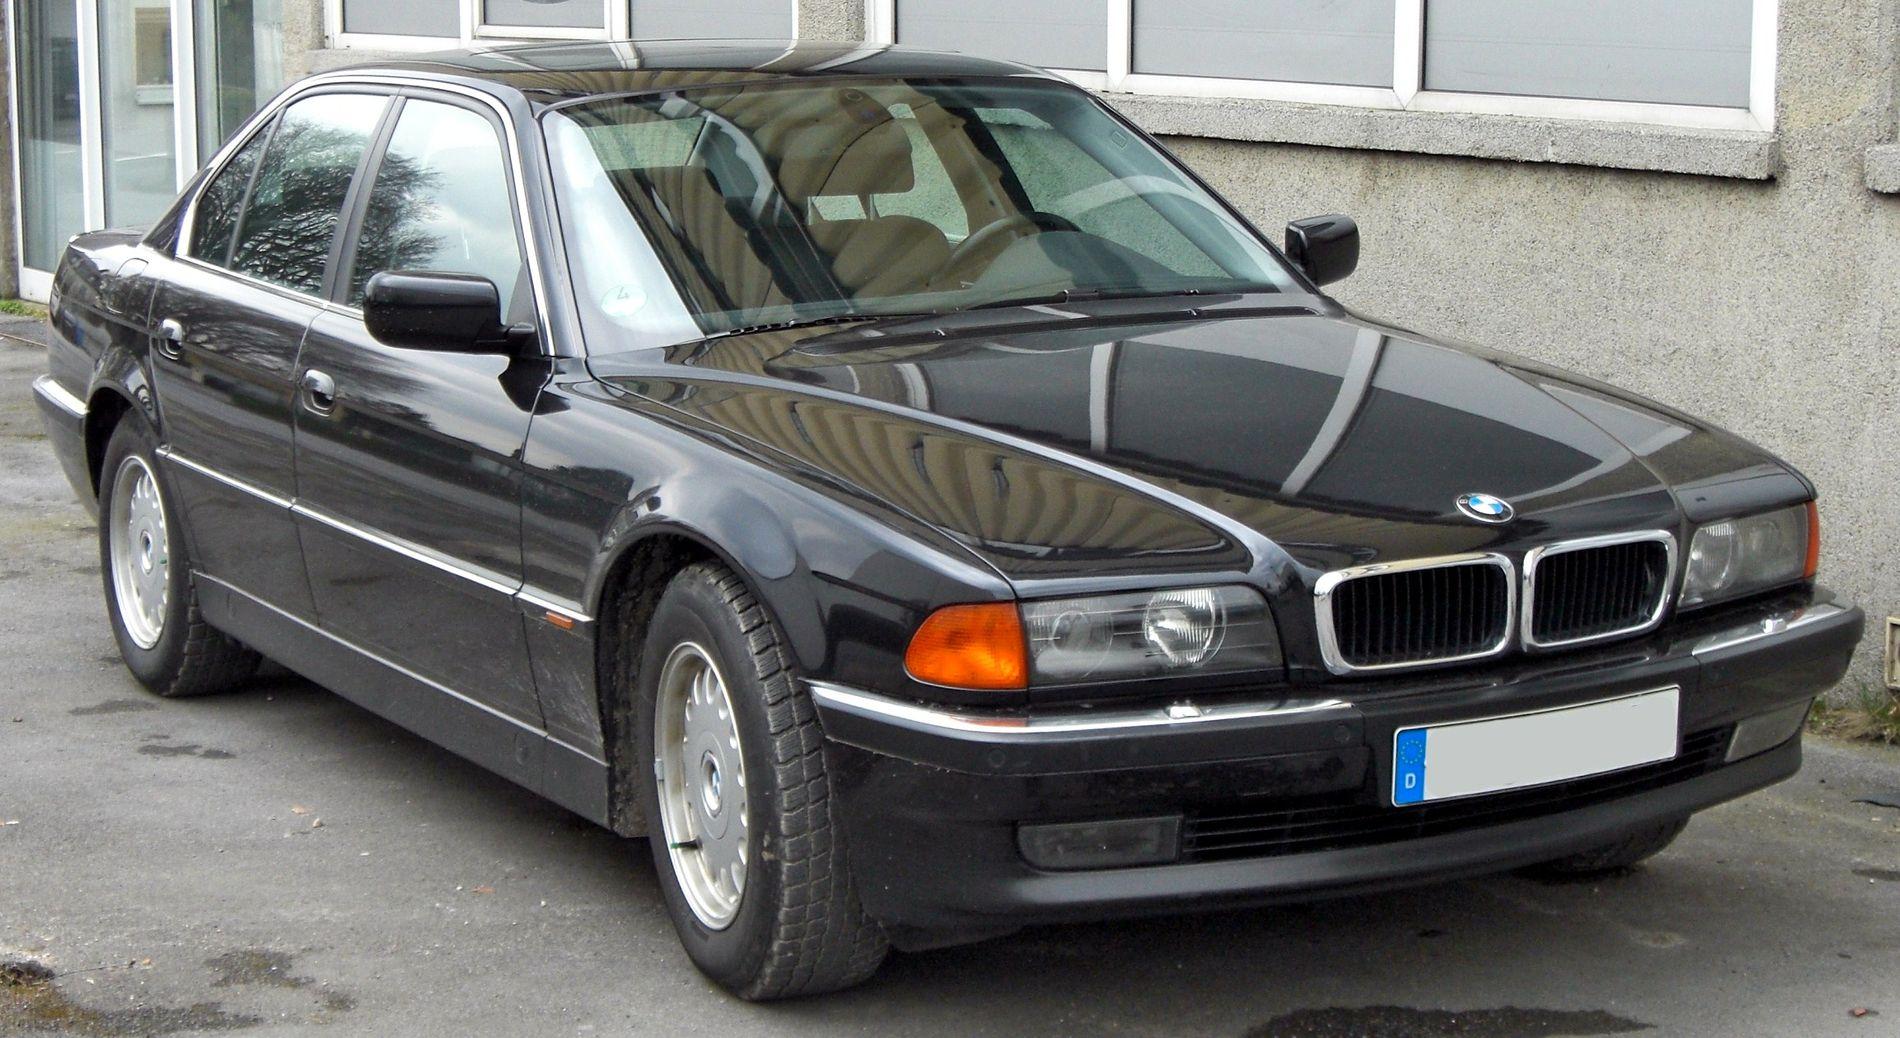 2219ee67 MYE GUFFE, INGEN AVGIFT: Den nye regjeringen vil fjerne engangsavgiften på  bruktbimporterte biler eldre enn 20 år. Det betyr at blant annet store ...